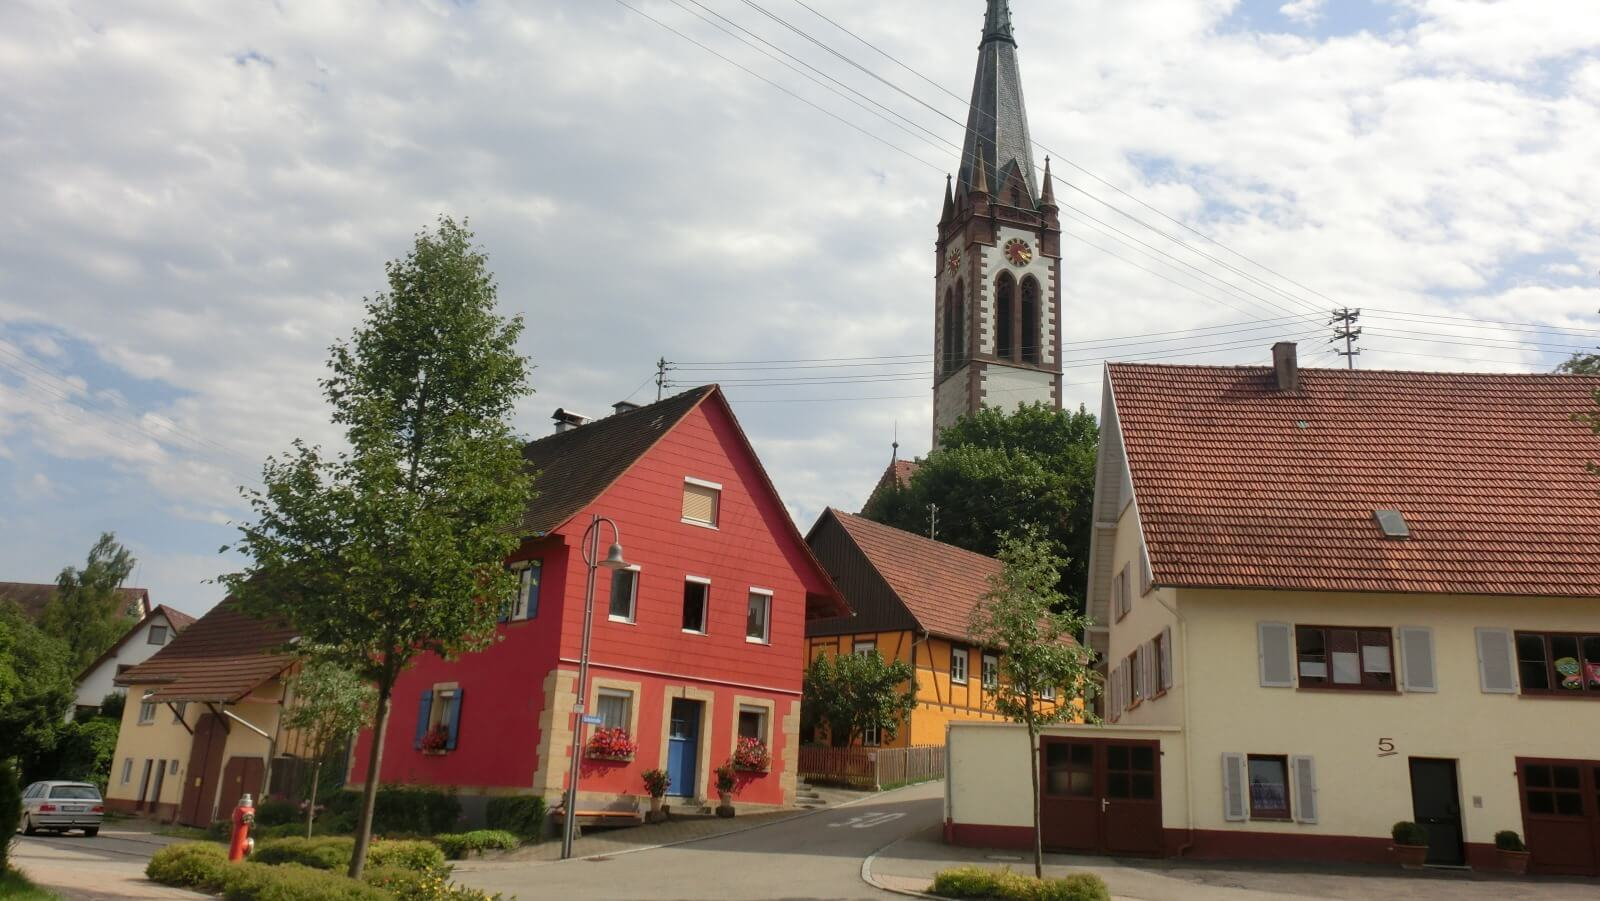 Bild auf schön renovierte Häuser im Ortskern Winzeln